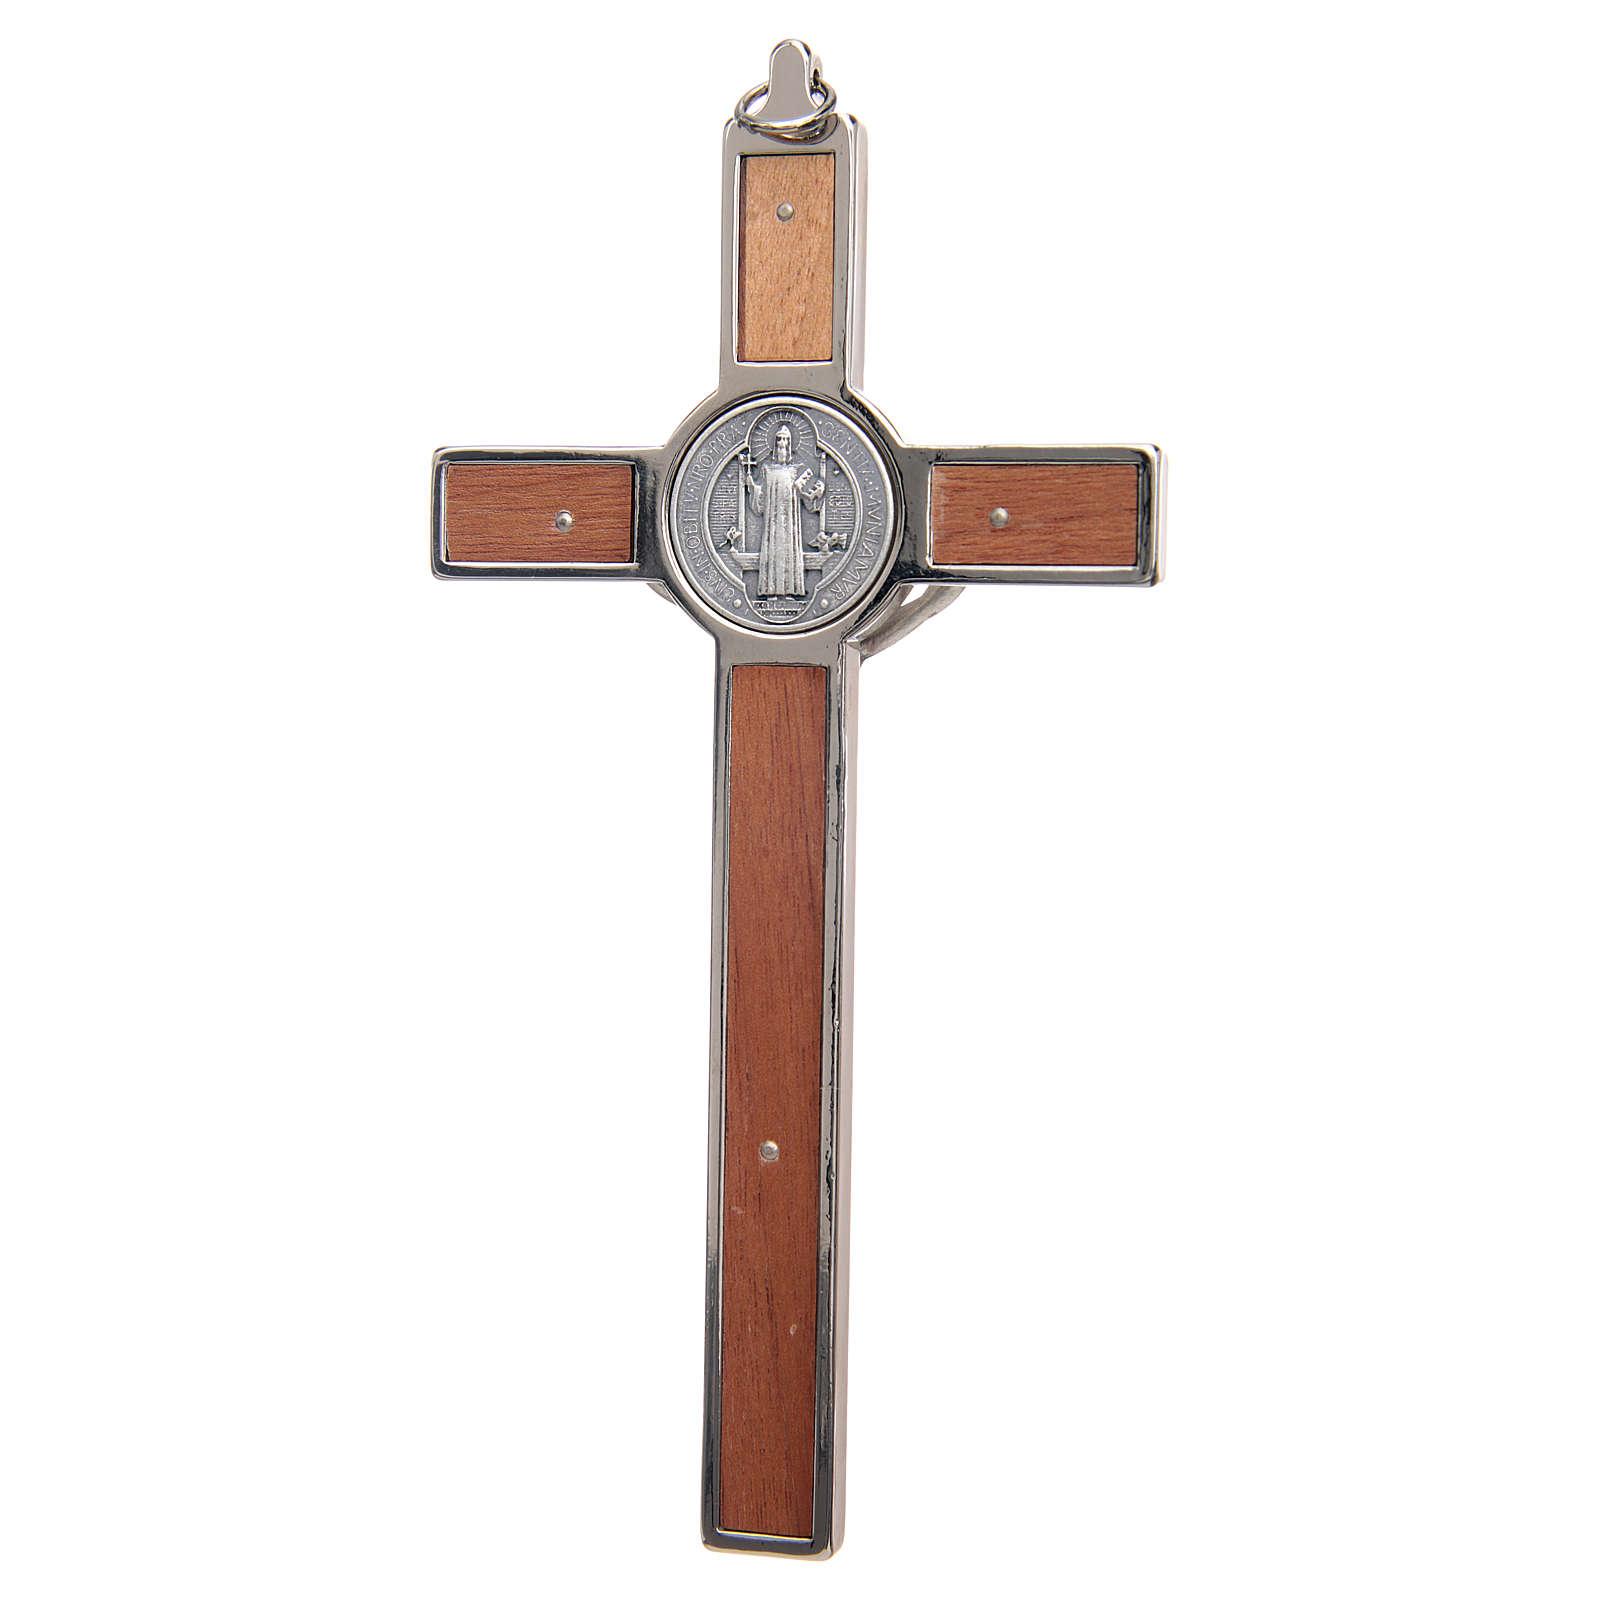 Crucifixo São Bento zamak cruz madeira 4